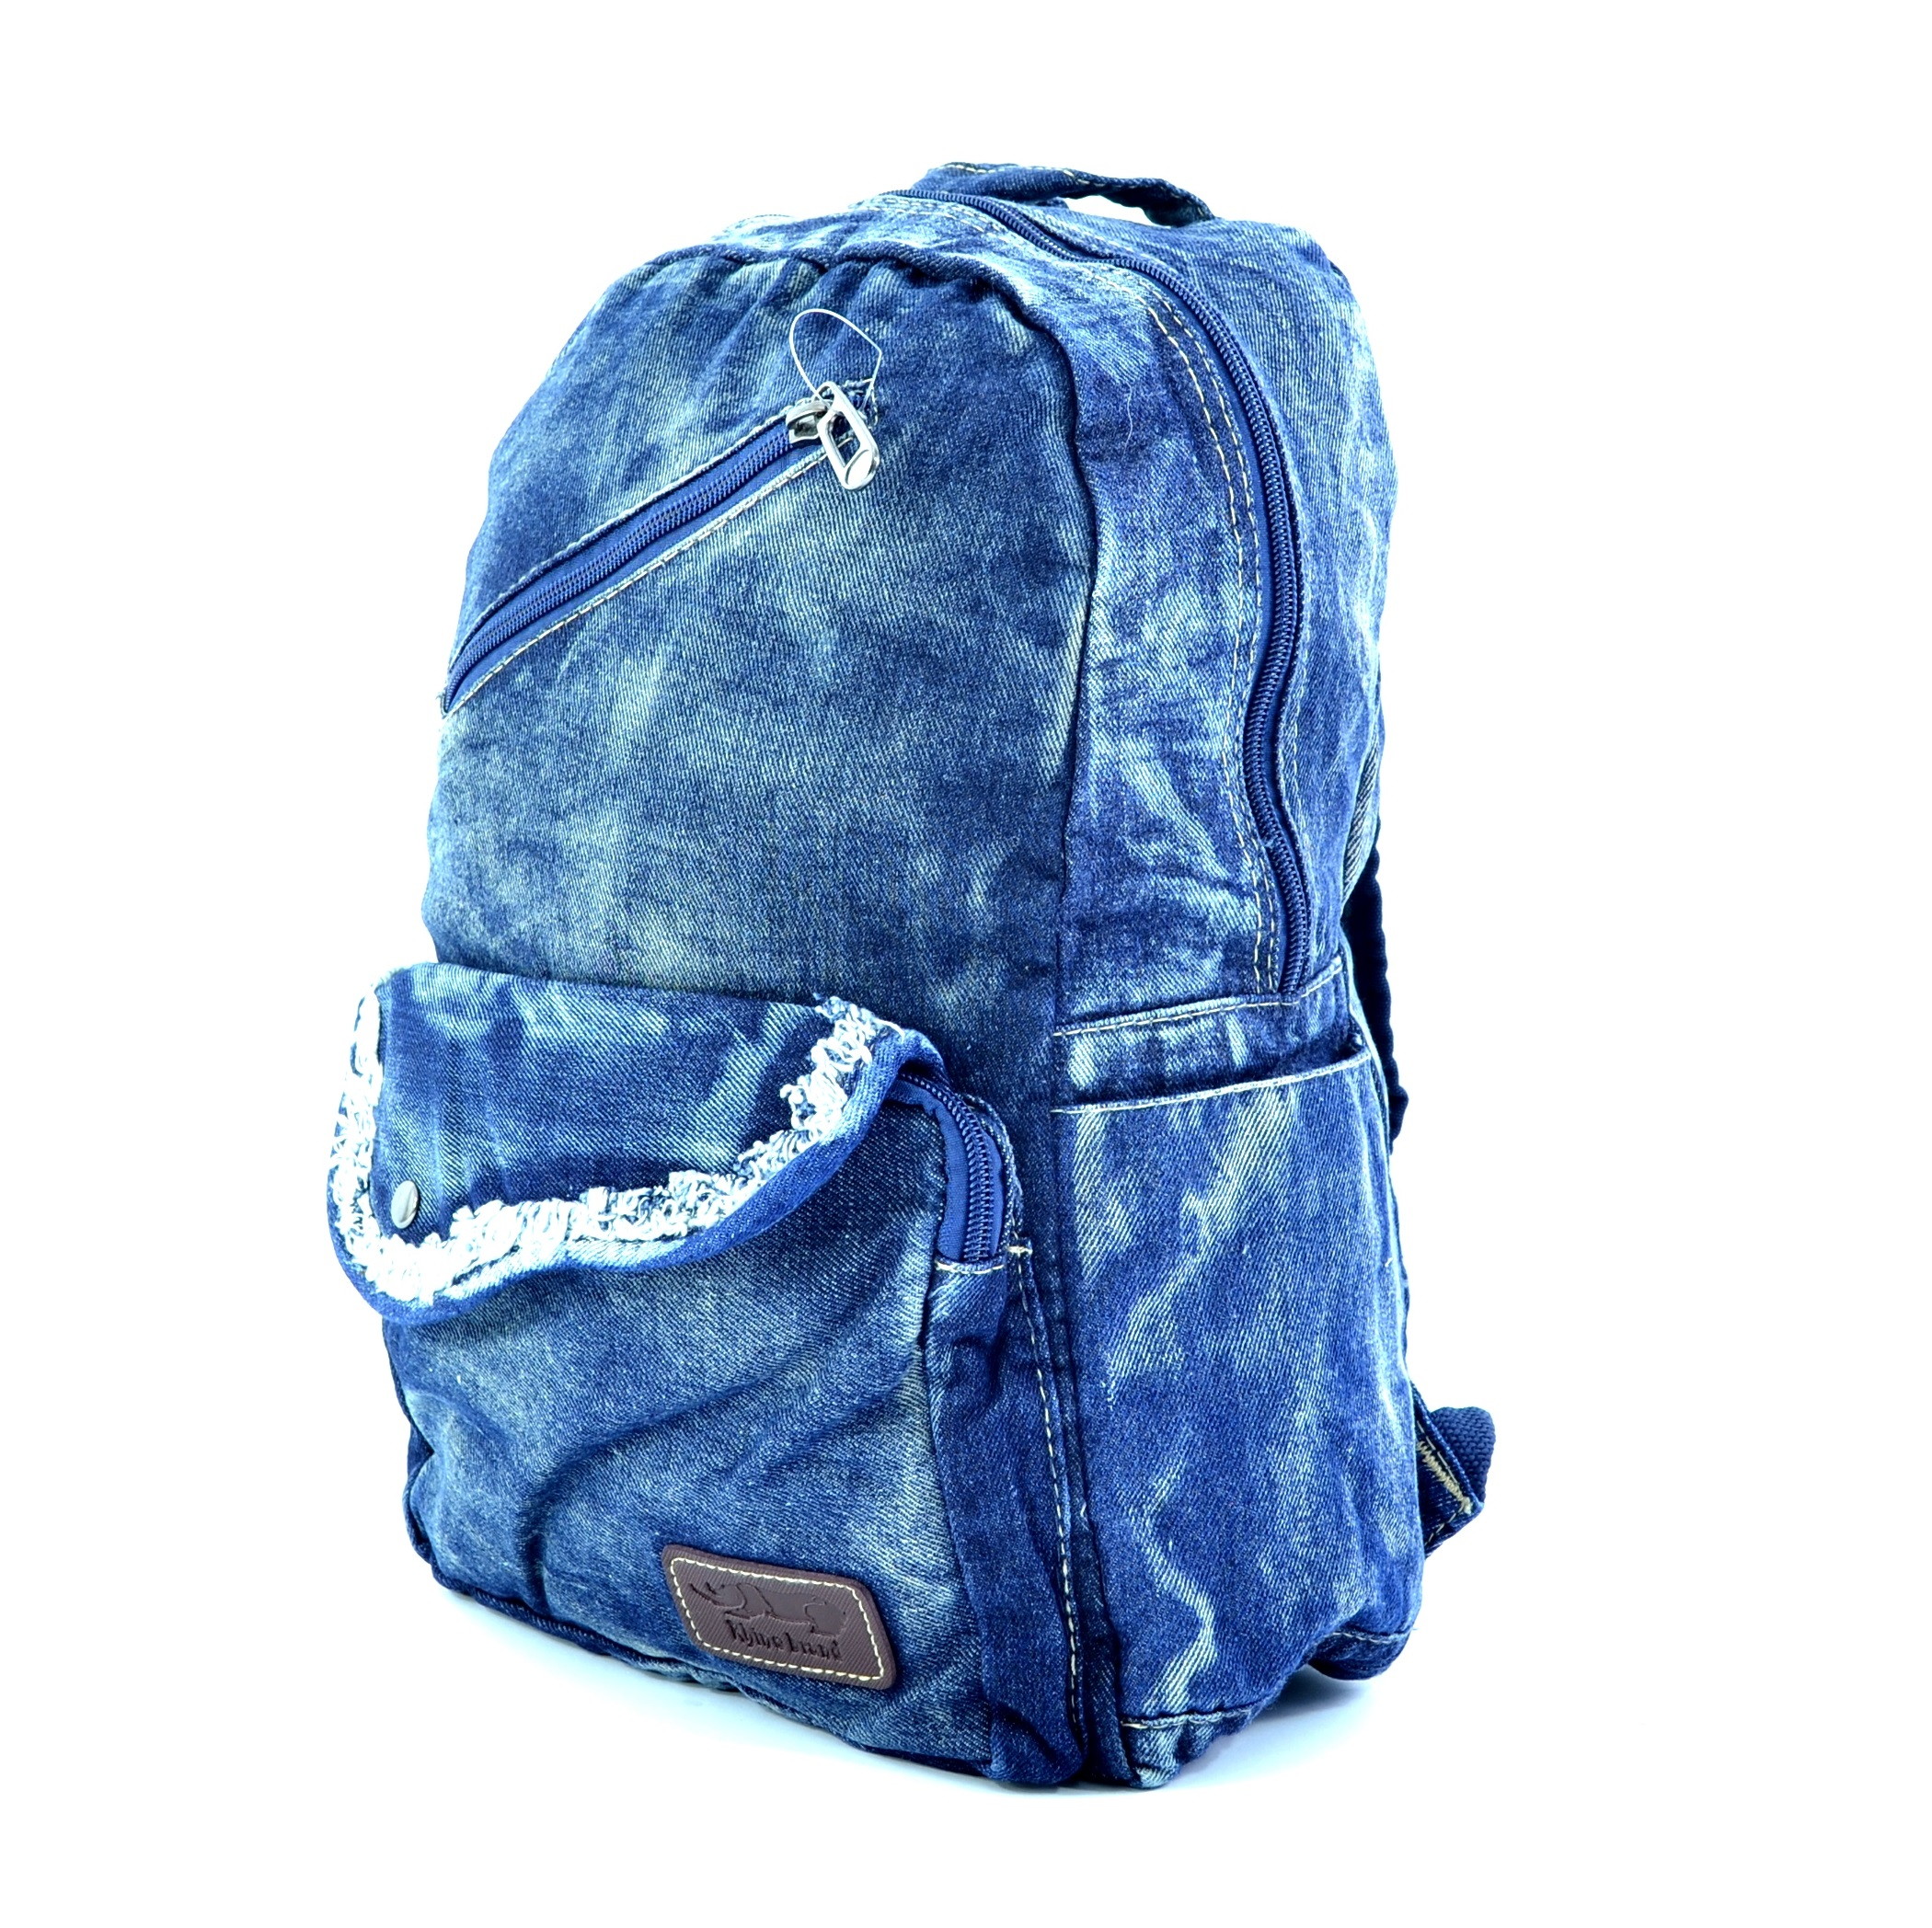 Лека дънкова раница 075 BLUE GIRL, Дамска раница за училище, спорт и туризъм